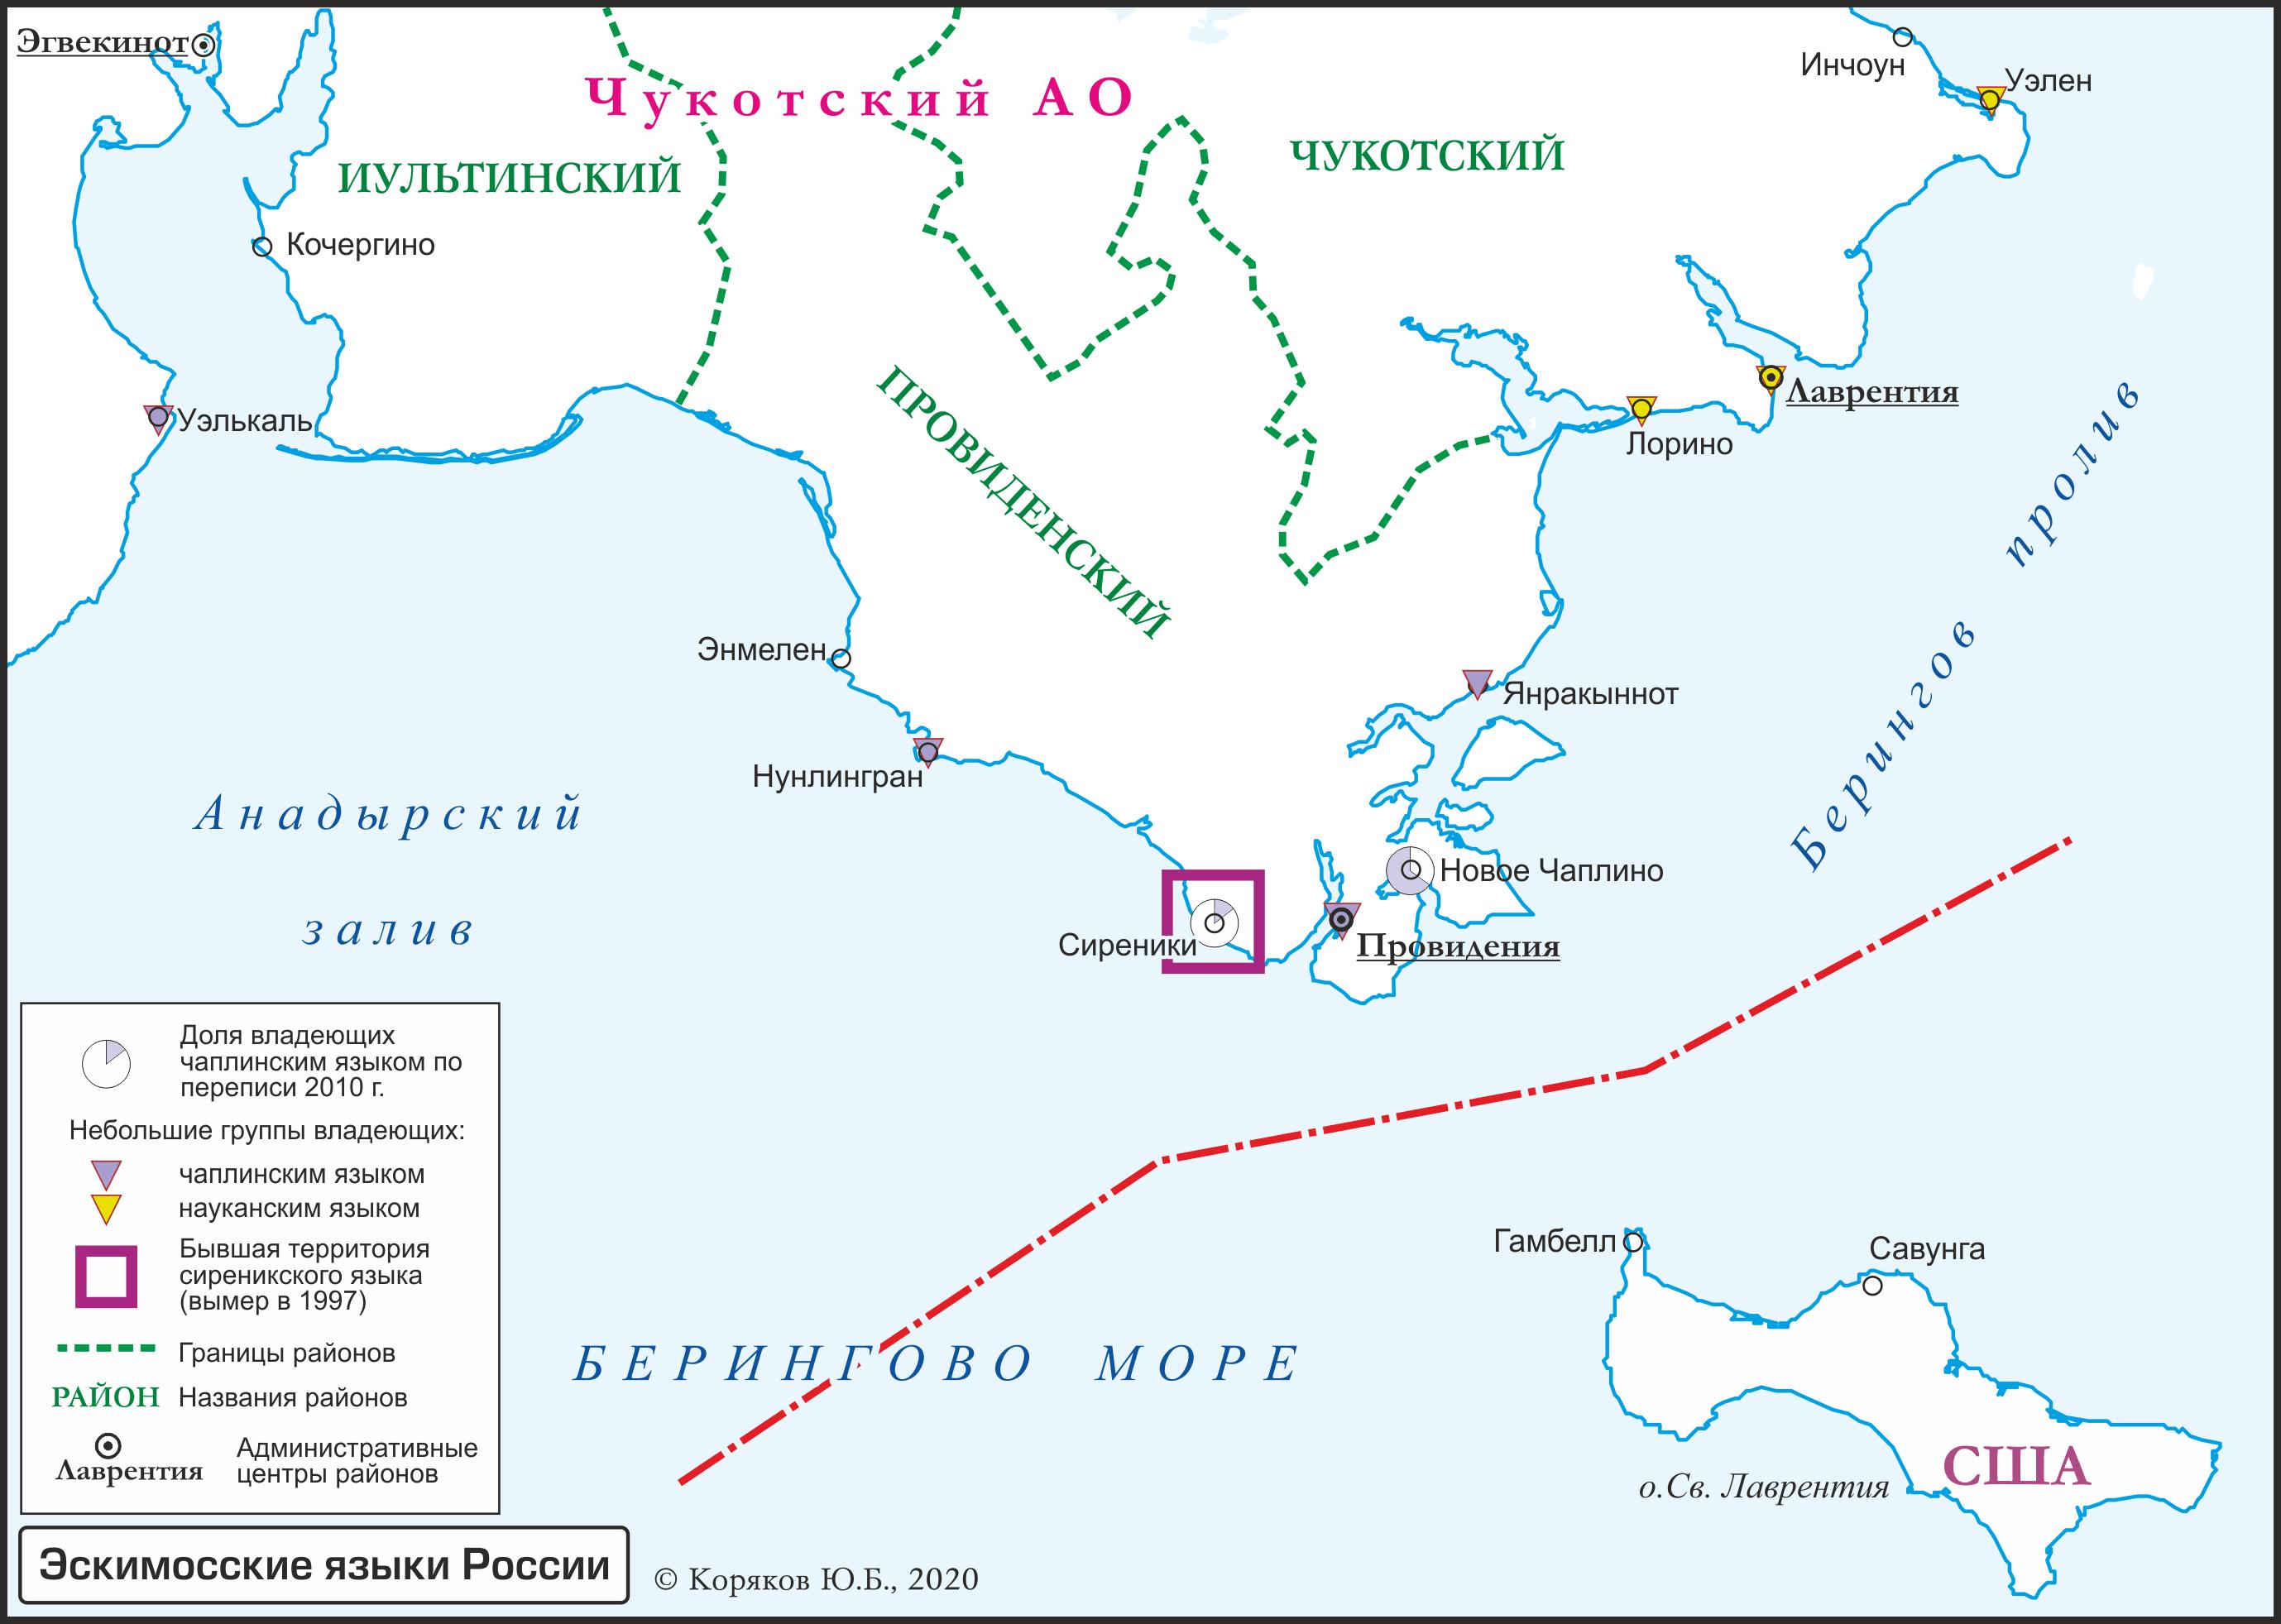 Эскимосские языки России в нач. XXI в.